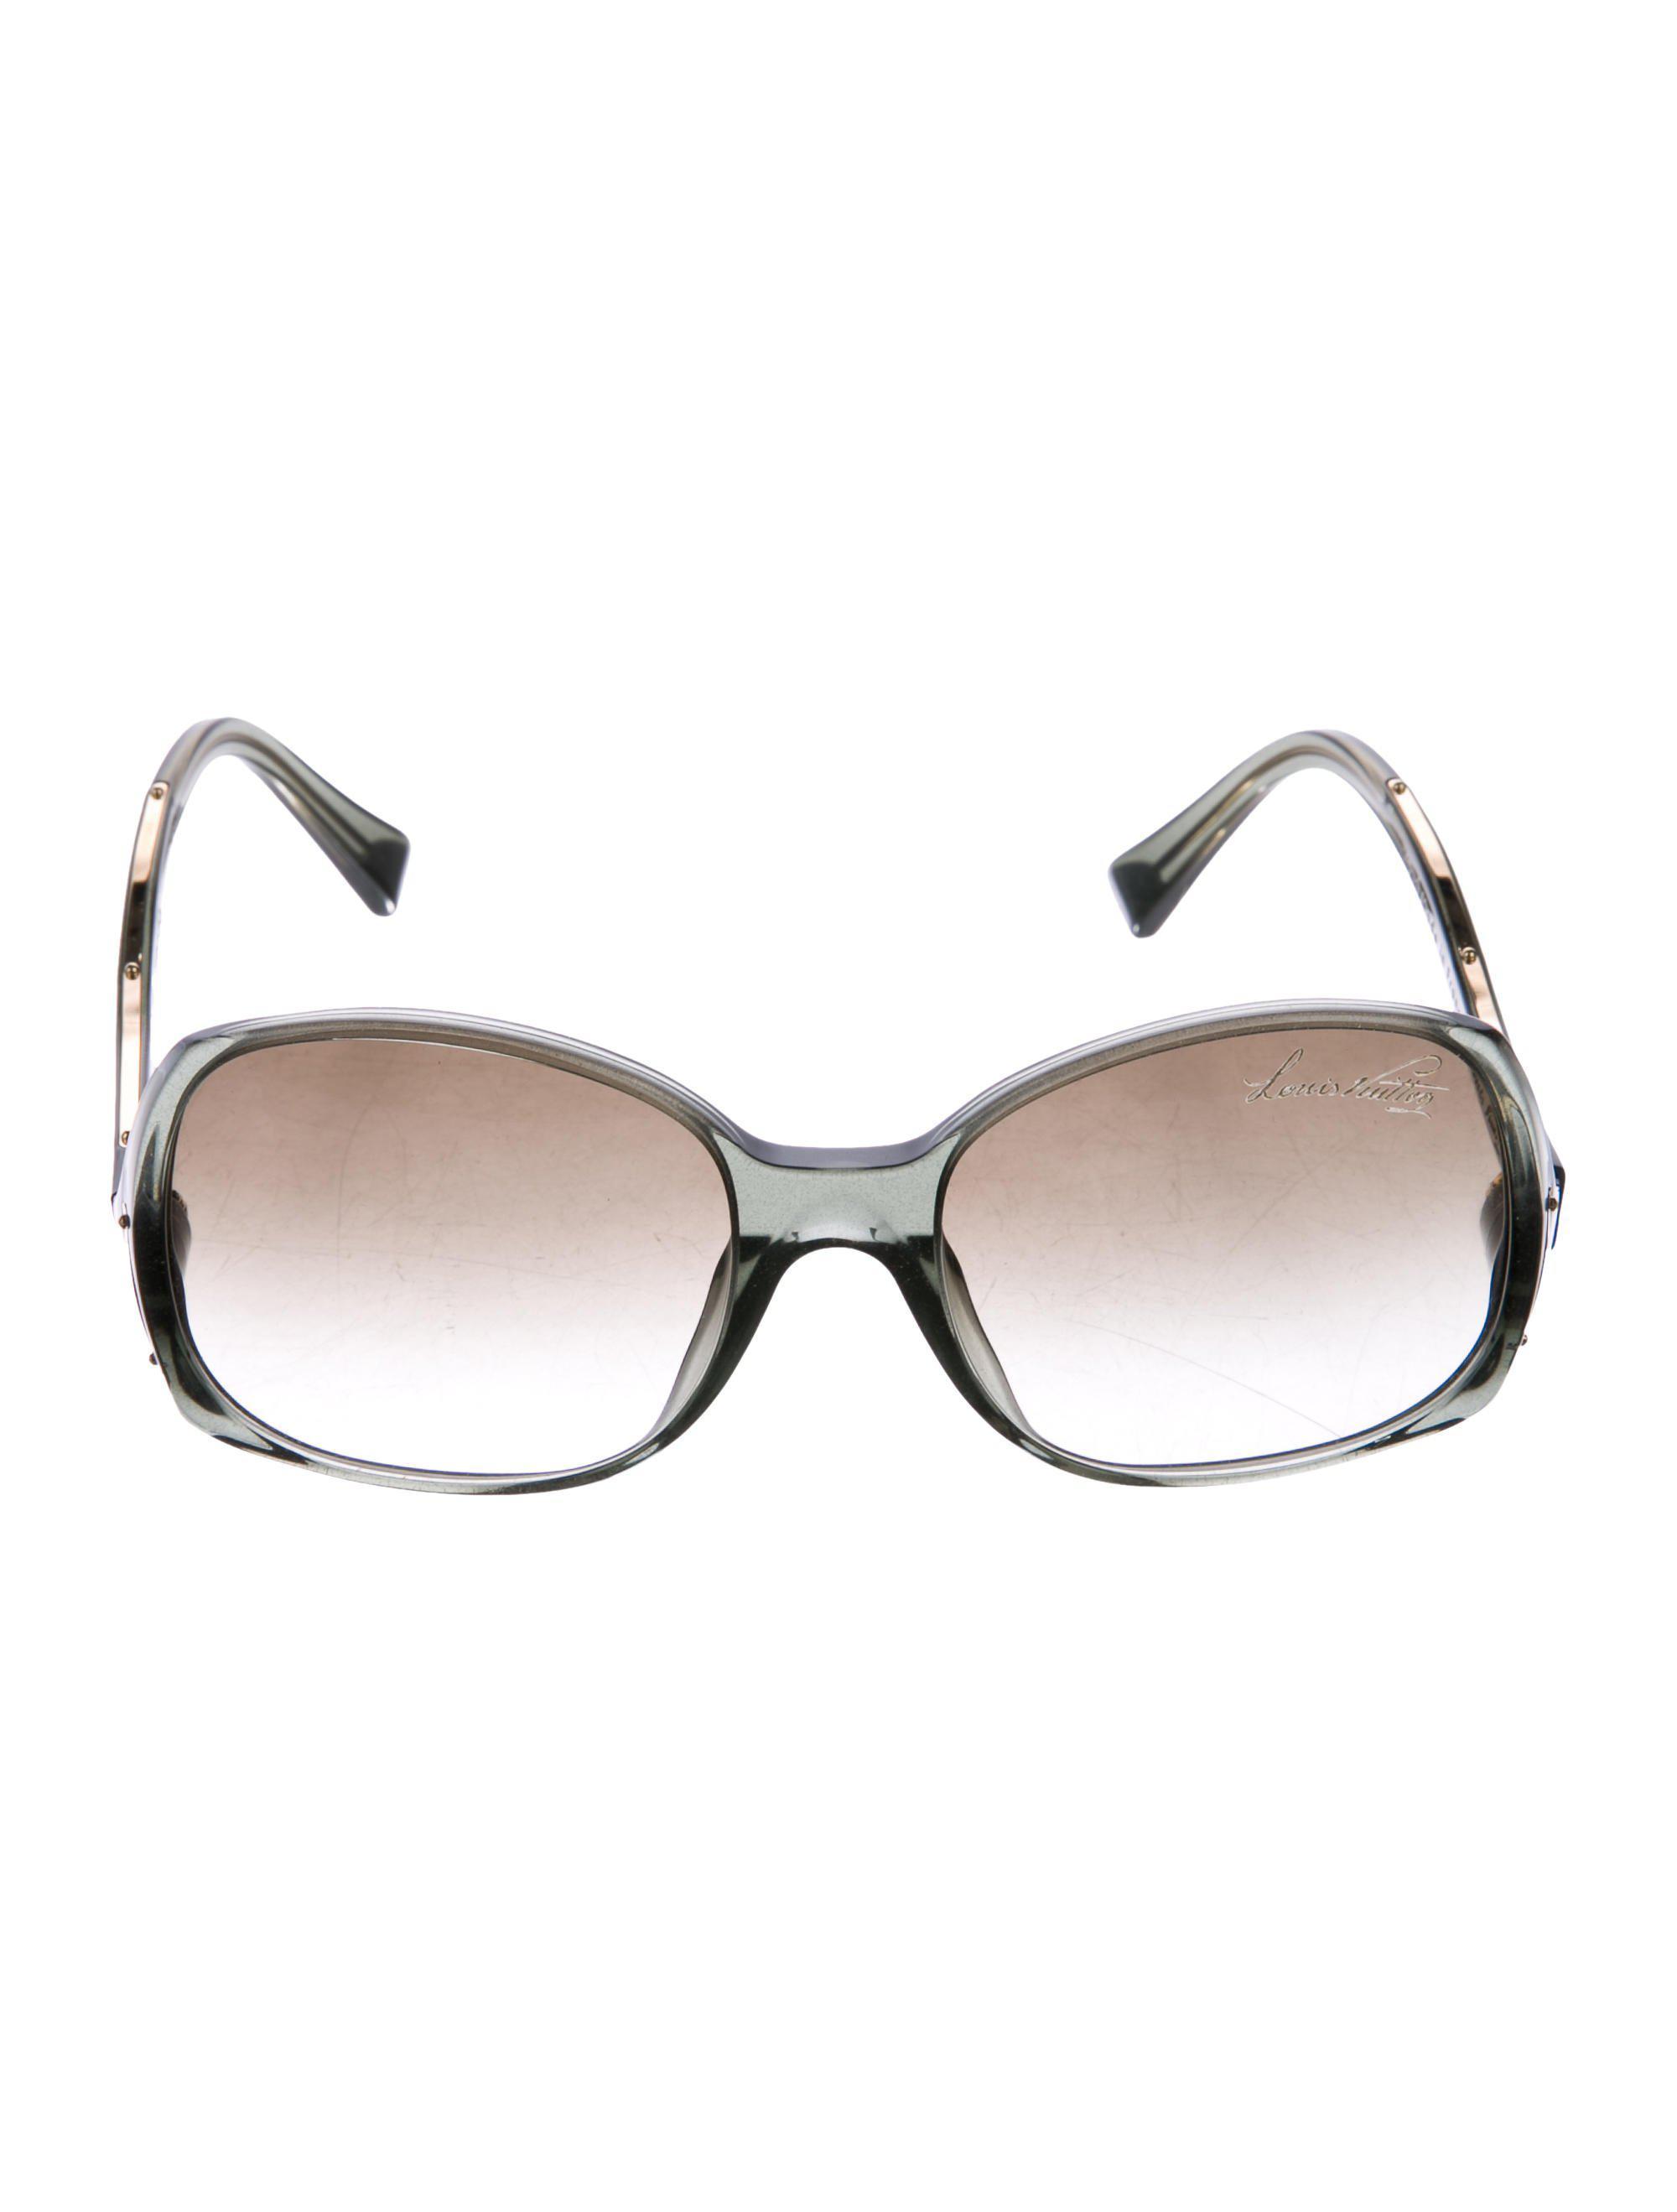 12078fa256e9 Lyst - Louis Vuitton Gina Glitter Sunglasses Grey in Gray